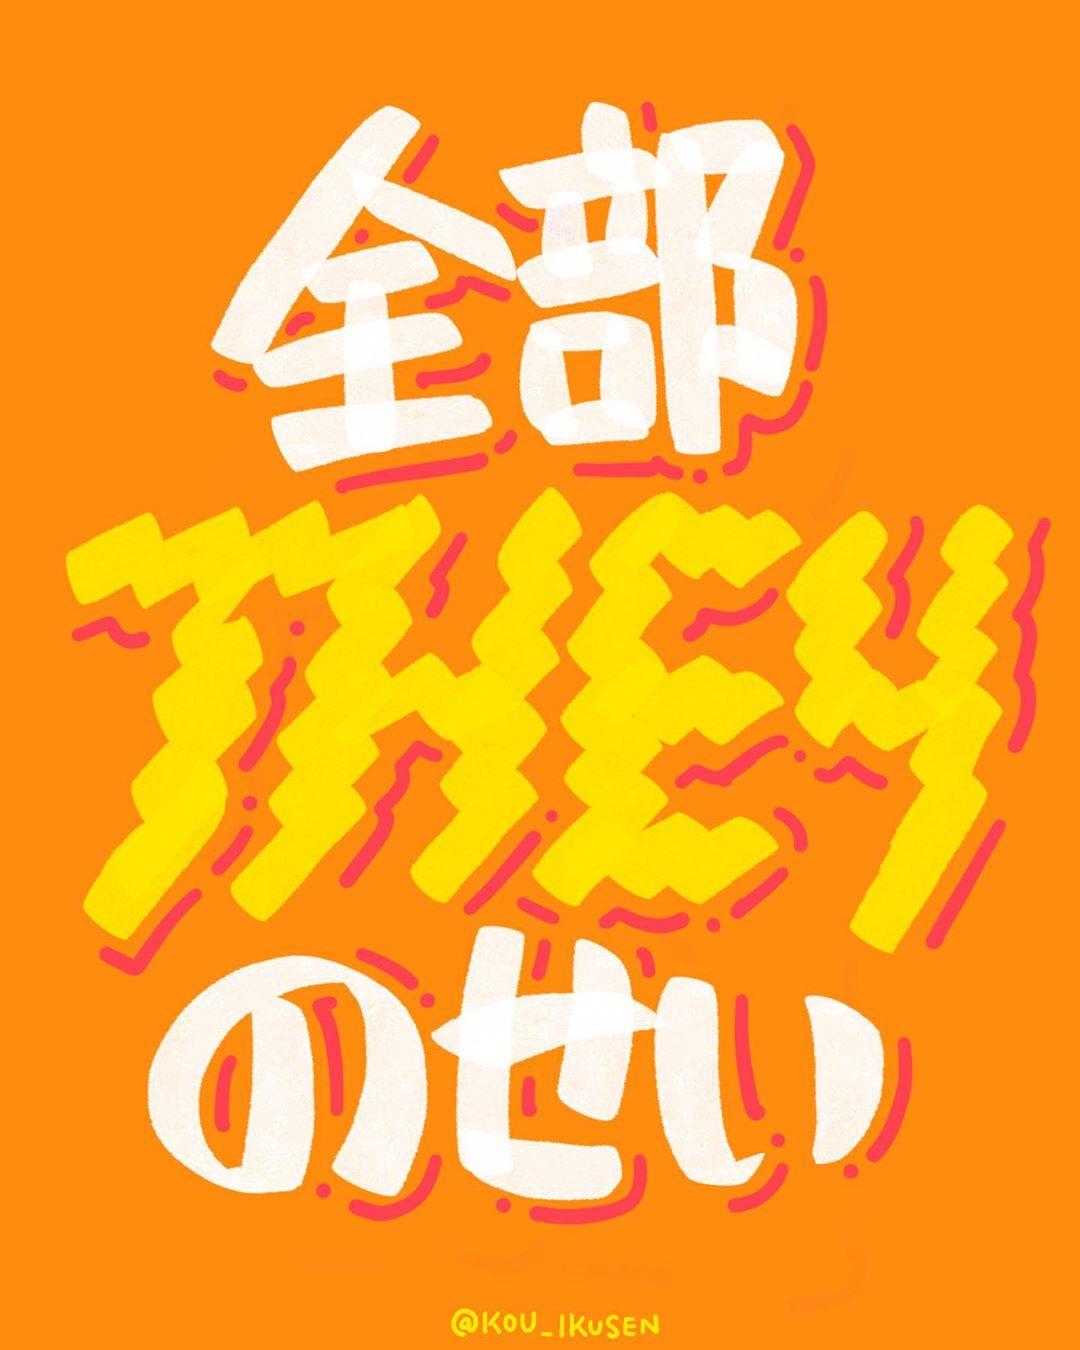 台湾流行語「都是they的錯」とは?